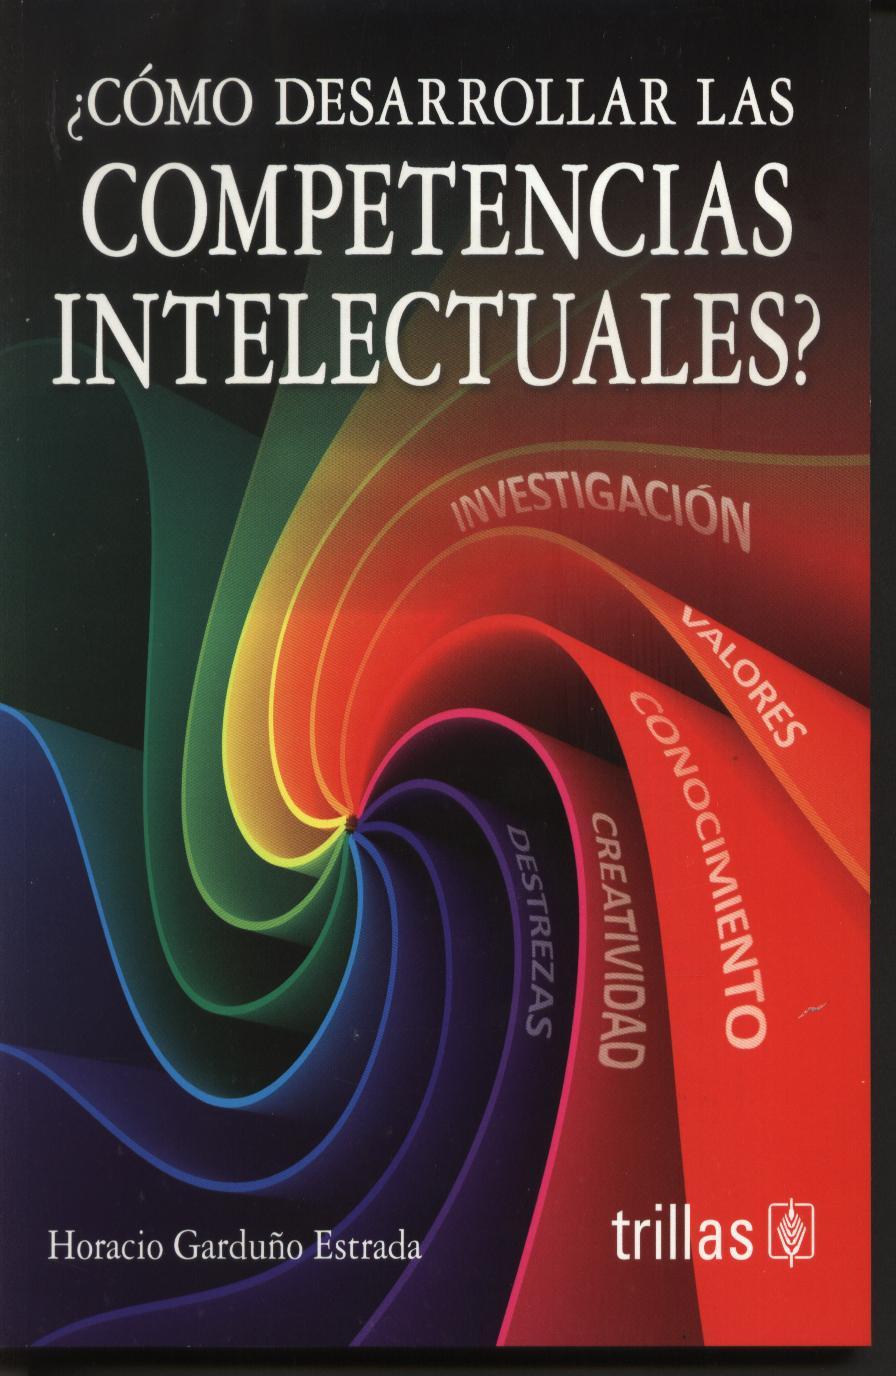 ¿Cómo desarrollar las competencias intelectuales?